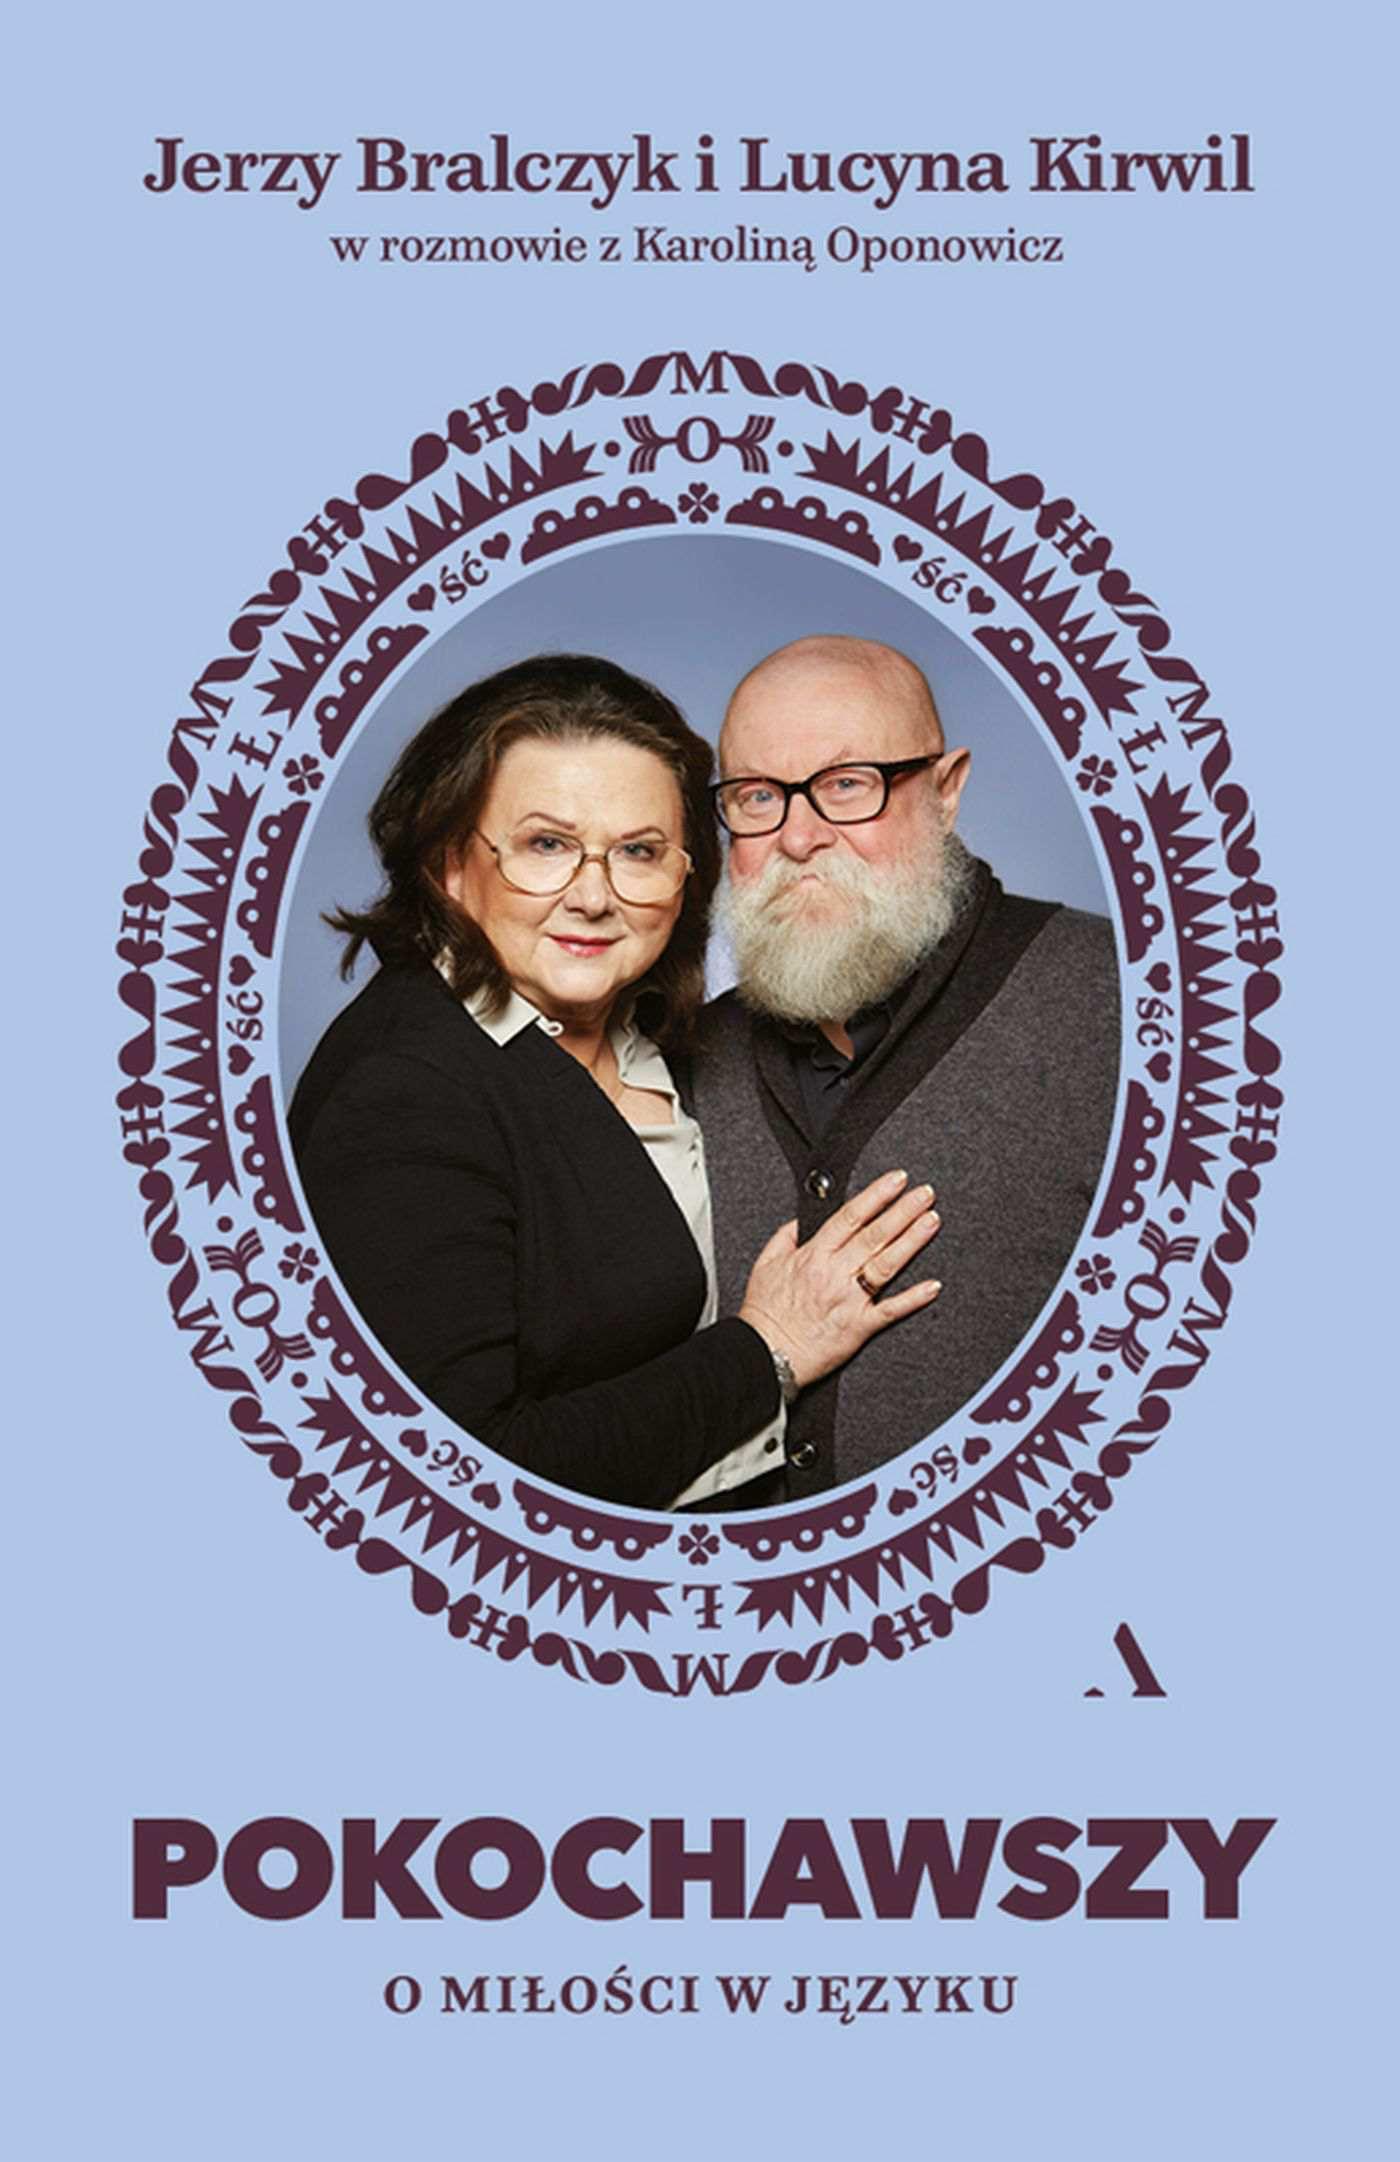 Pokochawszy: O miłości w języku. Jerzy Bralczyk i Lucyna Kirwil w rozmowie z Karoliną Oponowicz - Ebook (Książka EPUB) do pobrania w formacie EPUB